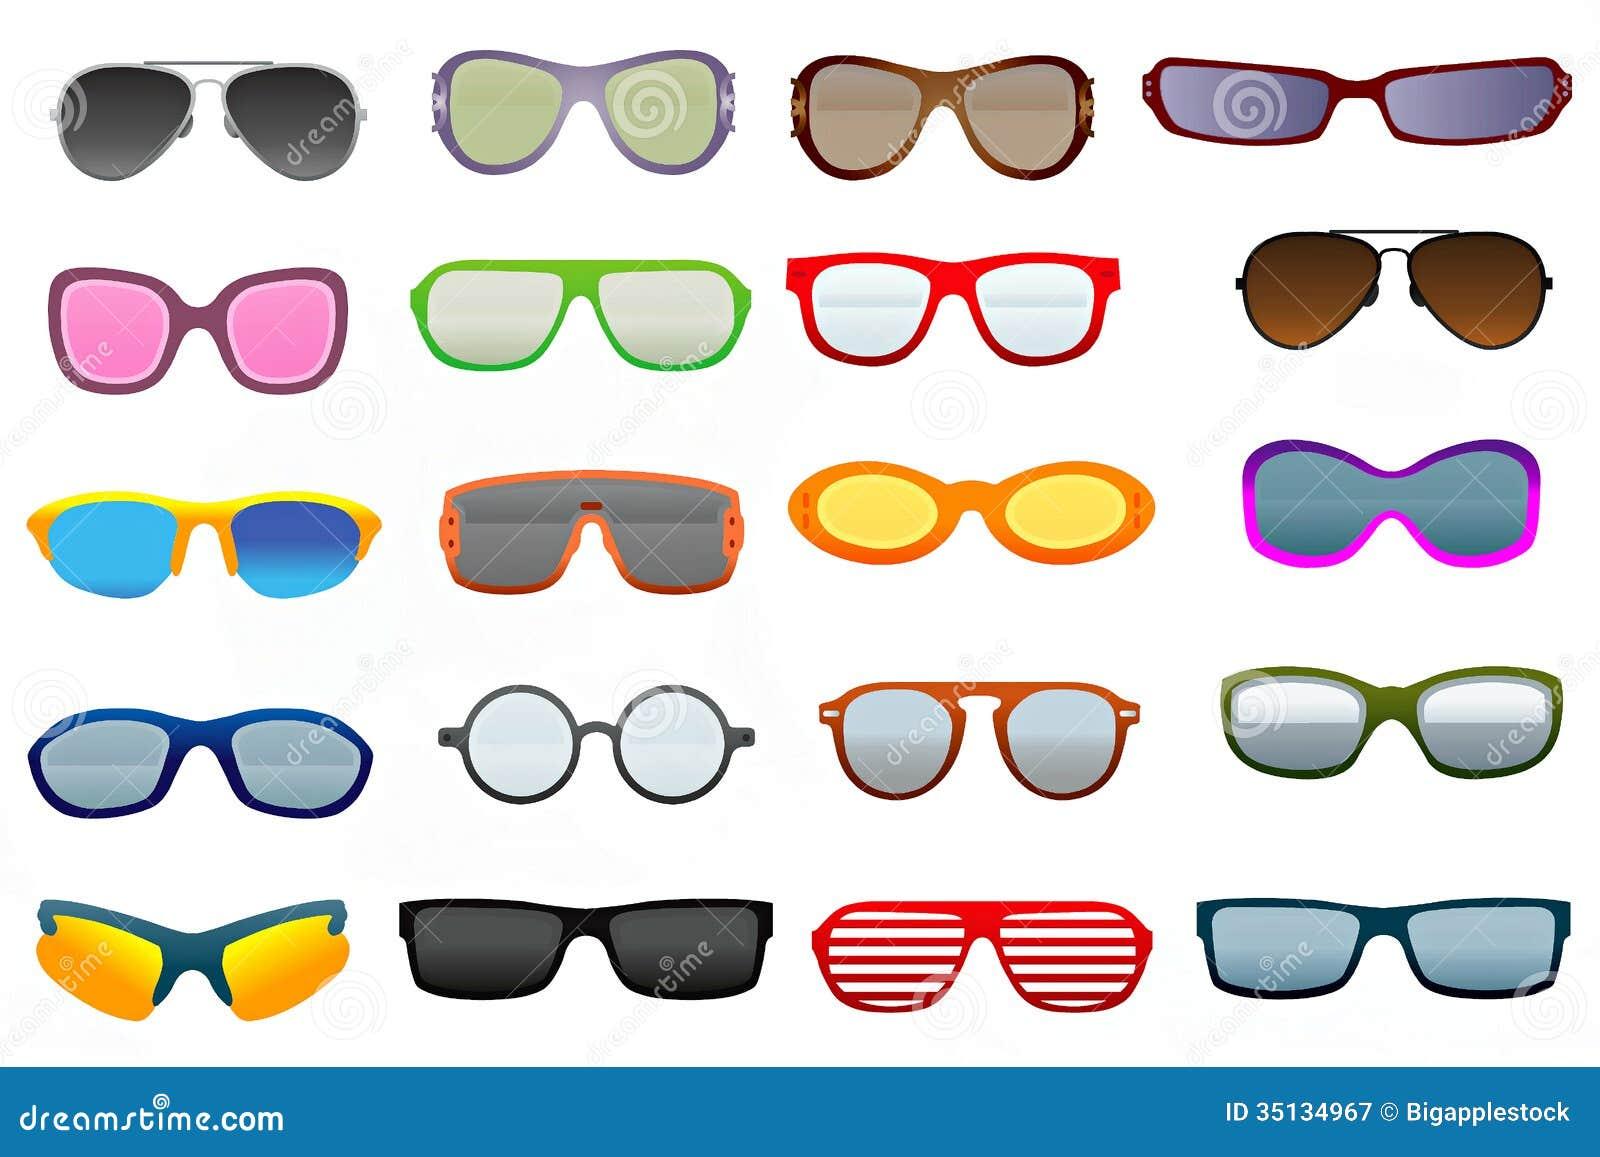 Eyeglasses Stock Illustration. Image Of Sight